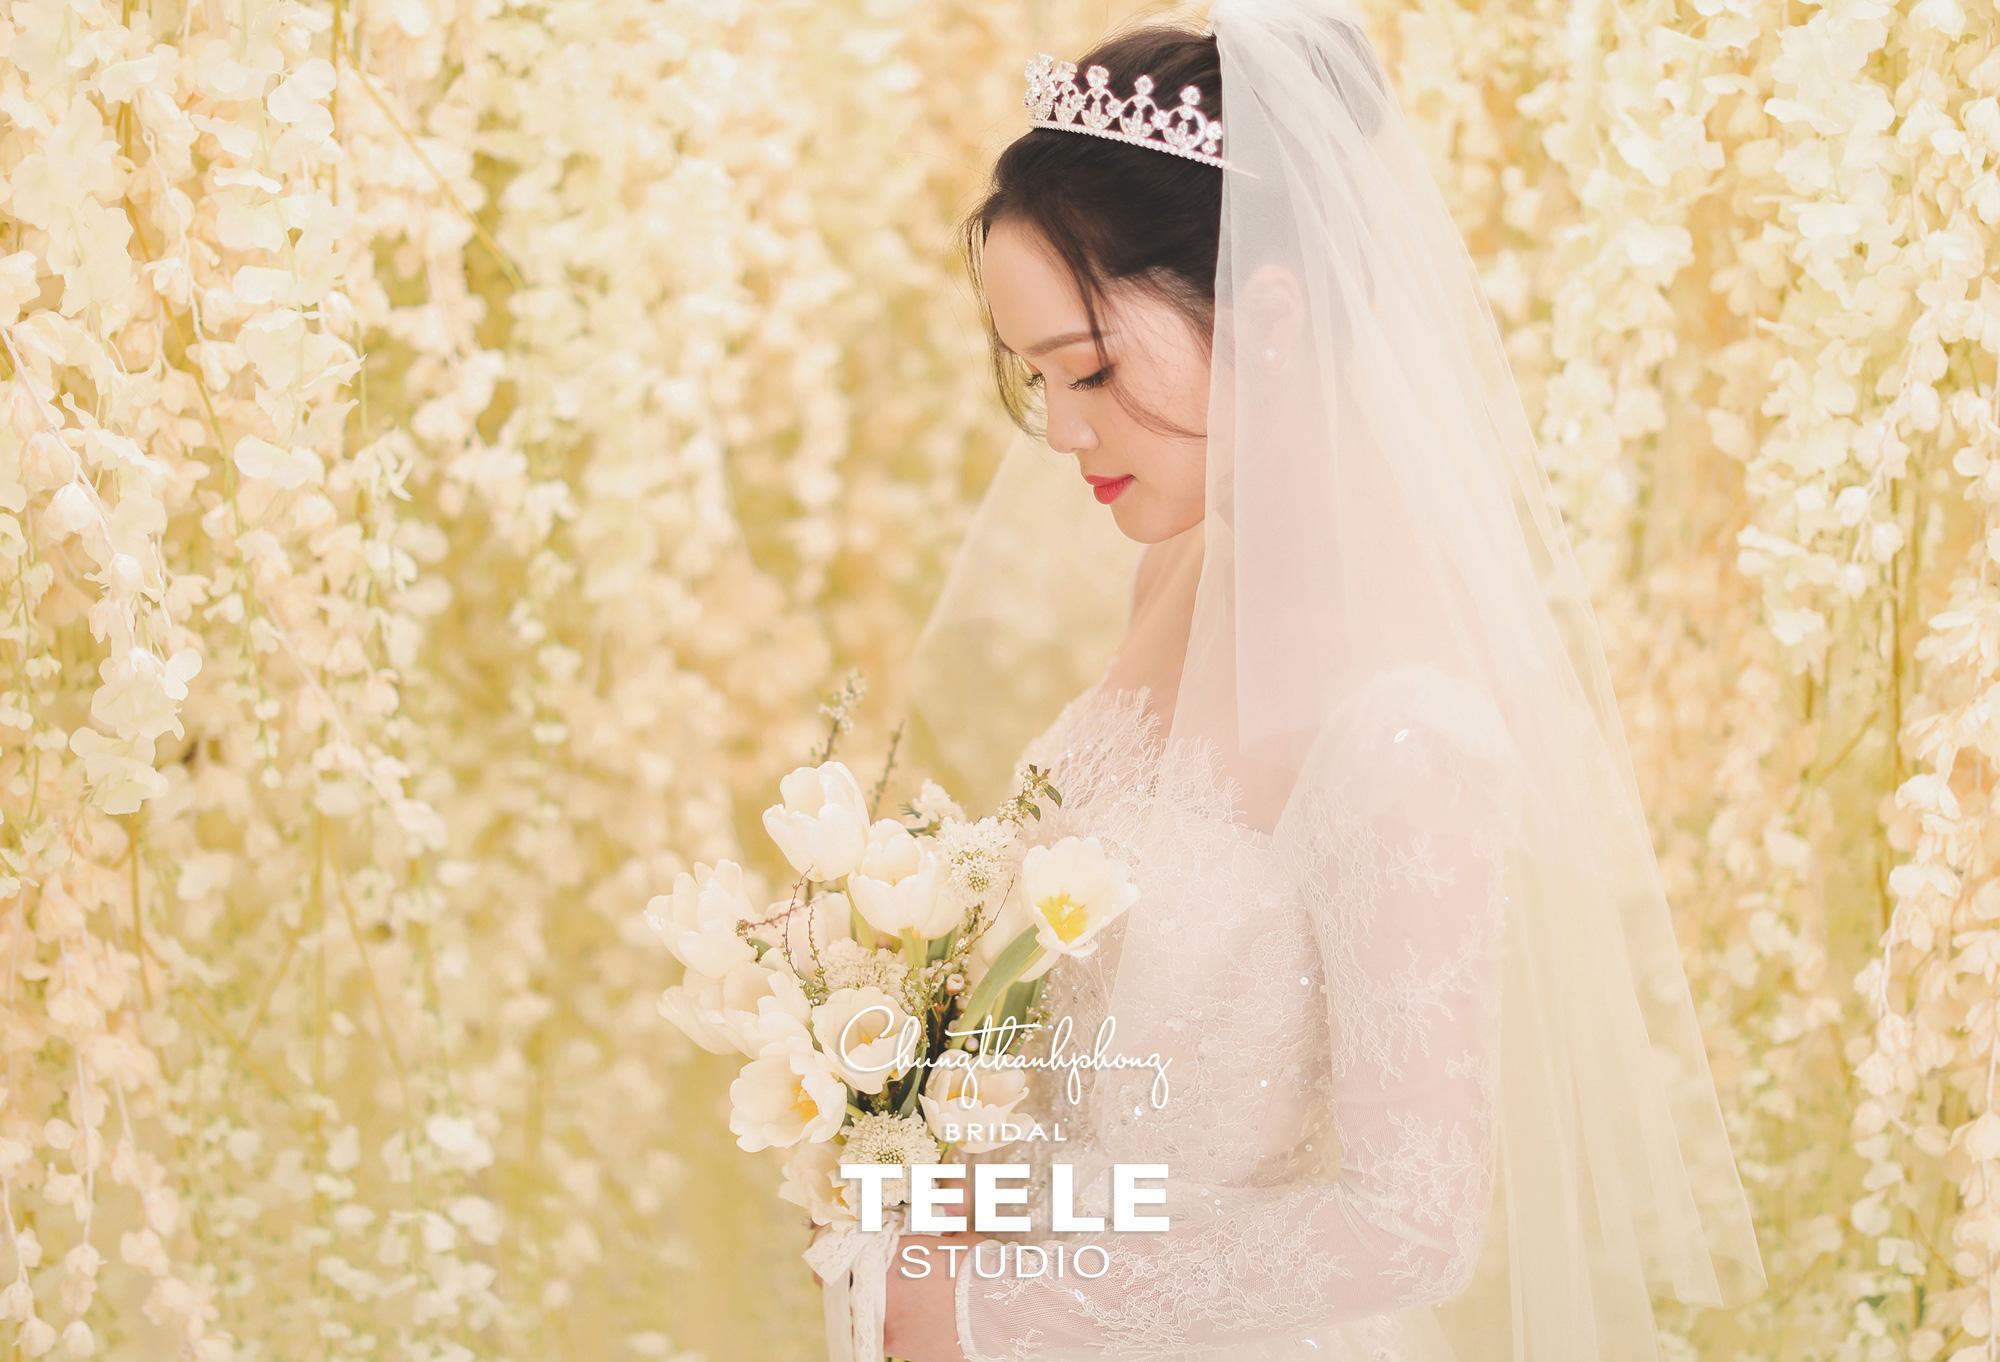 Chung Thanh Phong thực hiện trang phục cưới cho cặp đôi Duy Mạnh – Quỳnh Anh gói gọn trong 1 tuần - Ảnh 4.